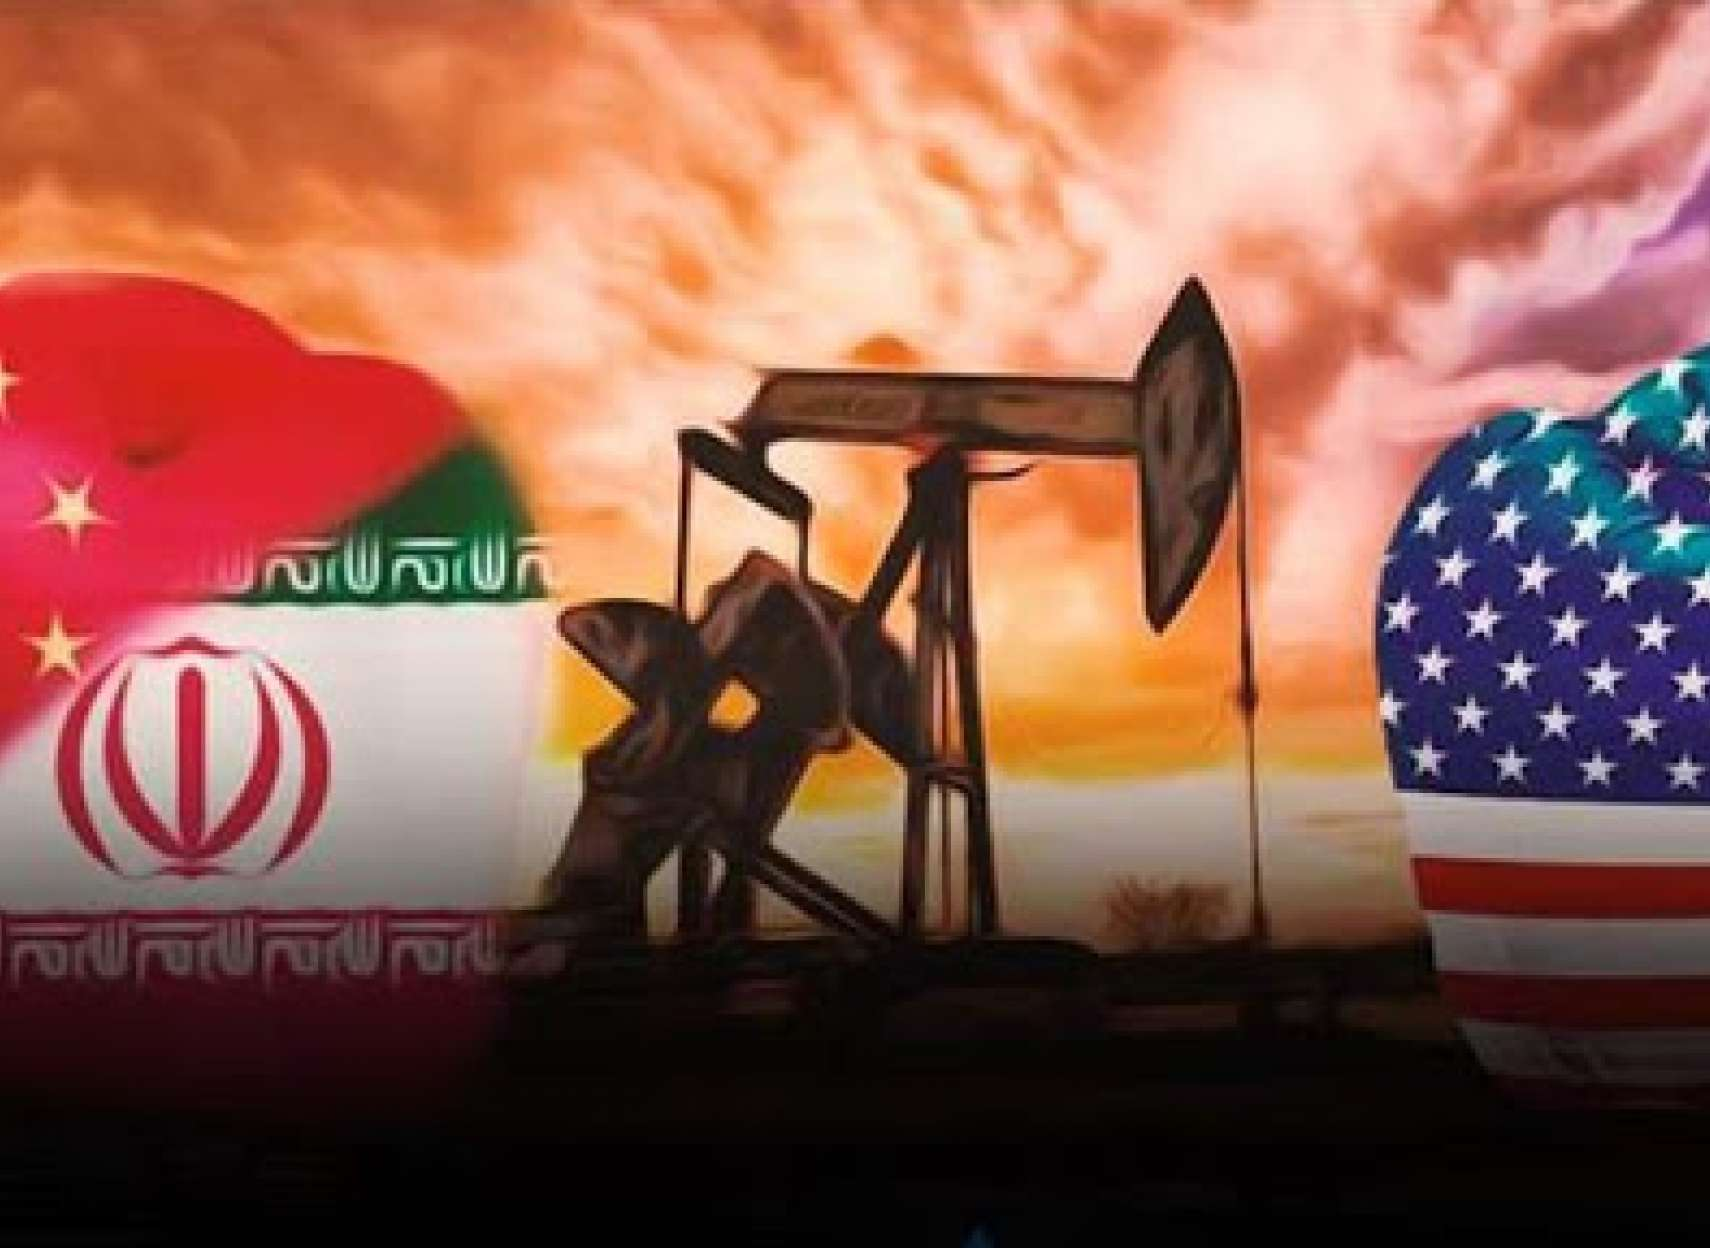 کشمکش-در-جمهوری-اسلامی-برای-انتخاب-قرار-داد-با-چین-یا-مذاکره-با-آمریکا